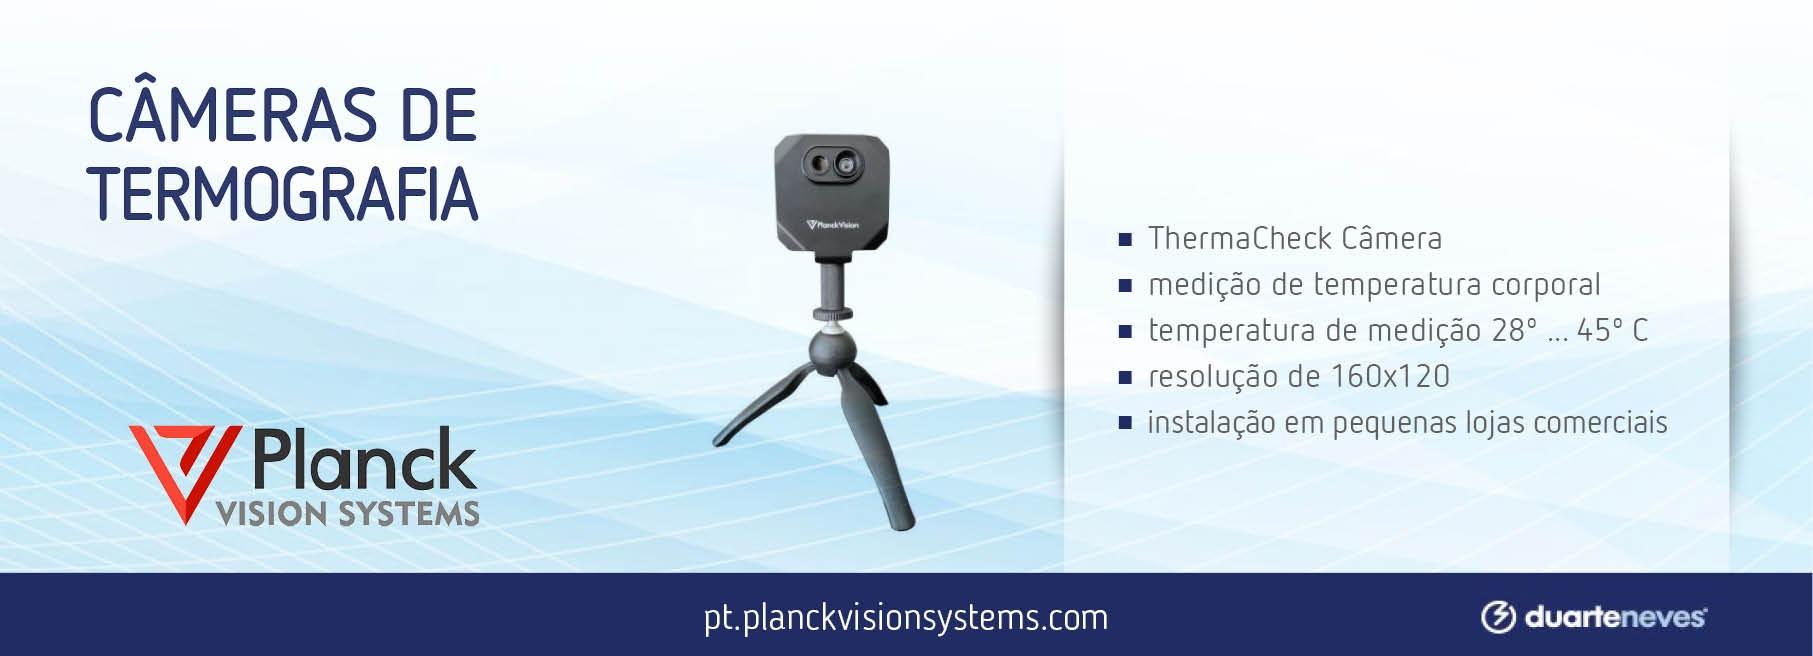 camerasdetermografia